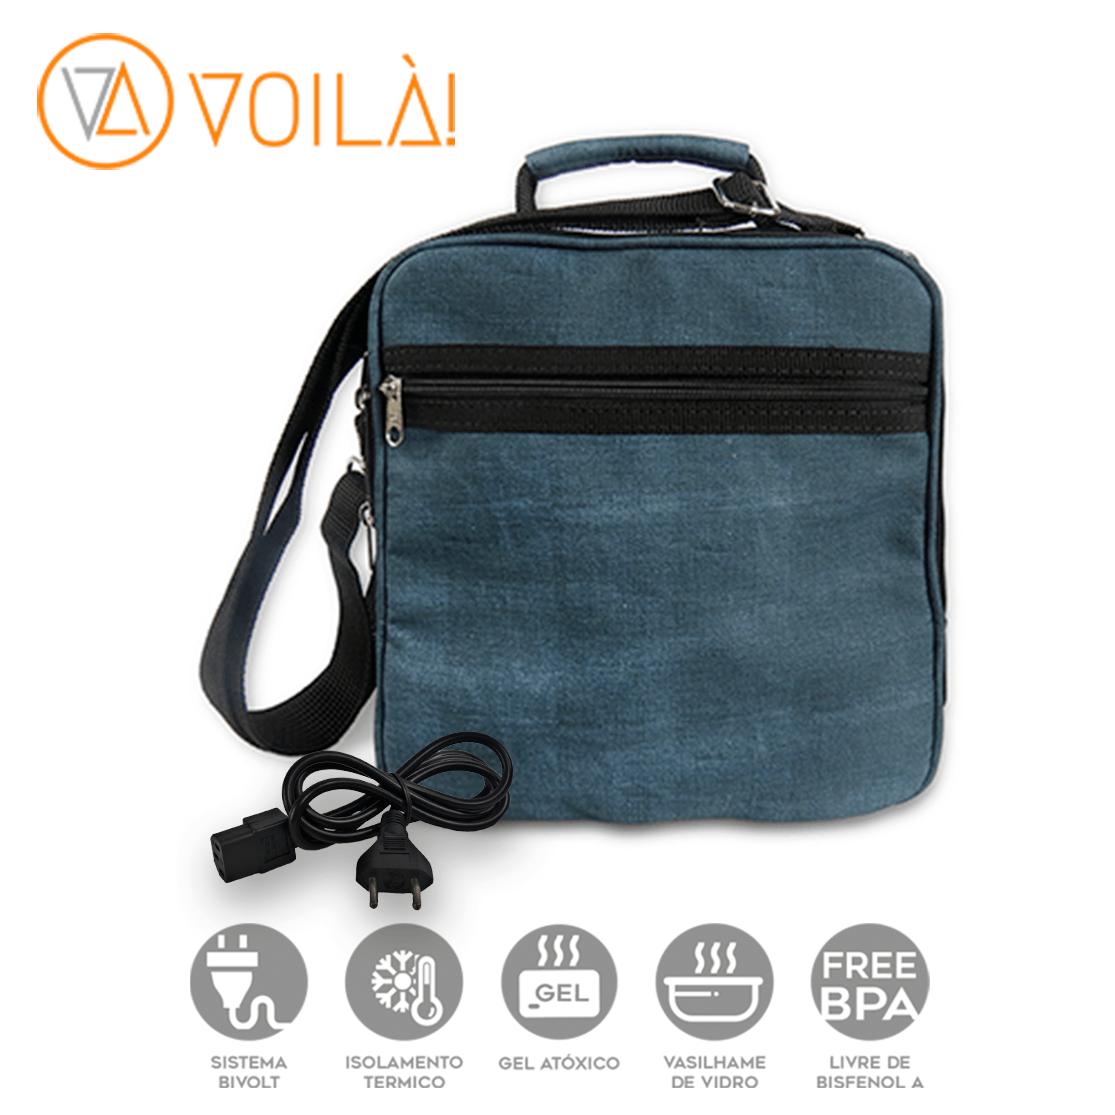 Bolsa Elétrica Voilà! Bag - Kanvas Azul